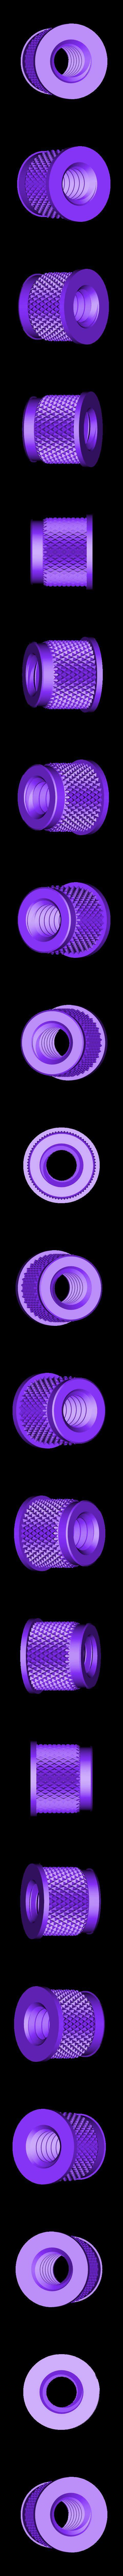 Assembly_House_2_-_Part_1_2_2mm_Heat_Set_insert_from_McMaster_Carr.stl Télécharger fichier STL gratuit Petit maison en jouet • Design à imprimer en 3D, crprinting